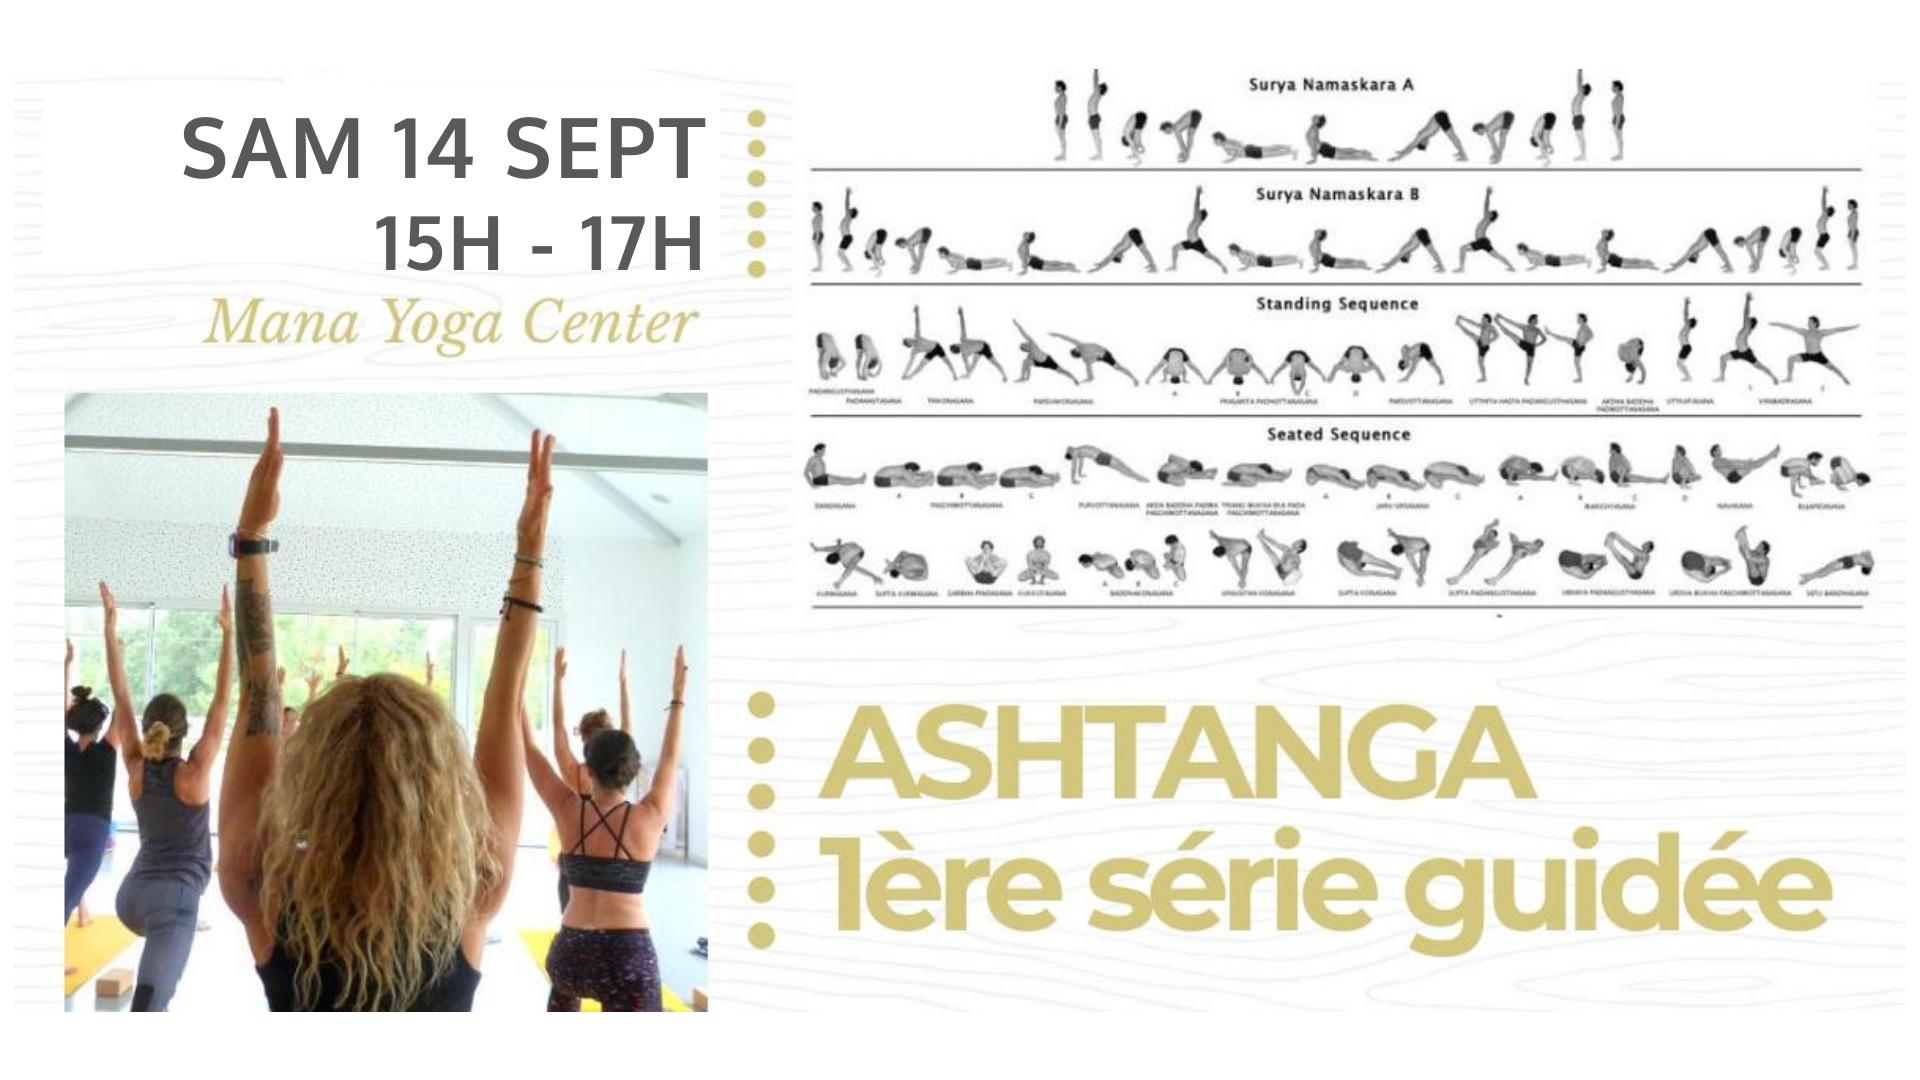 Ashtanga Série Guidée 14 septembre Mana Yoga Center Hossegor Soulshine